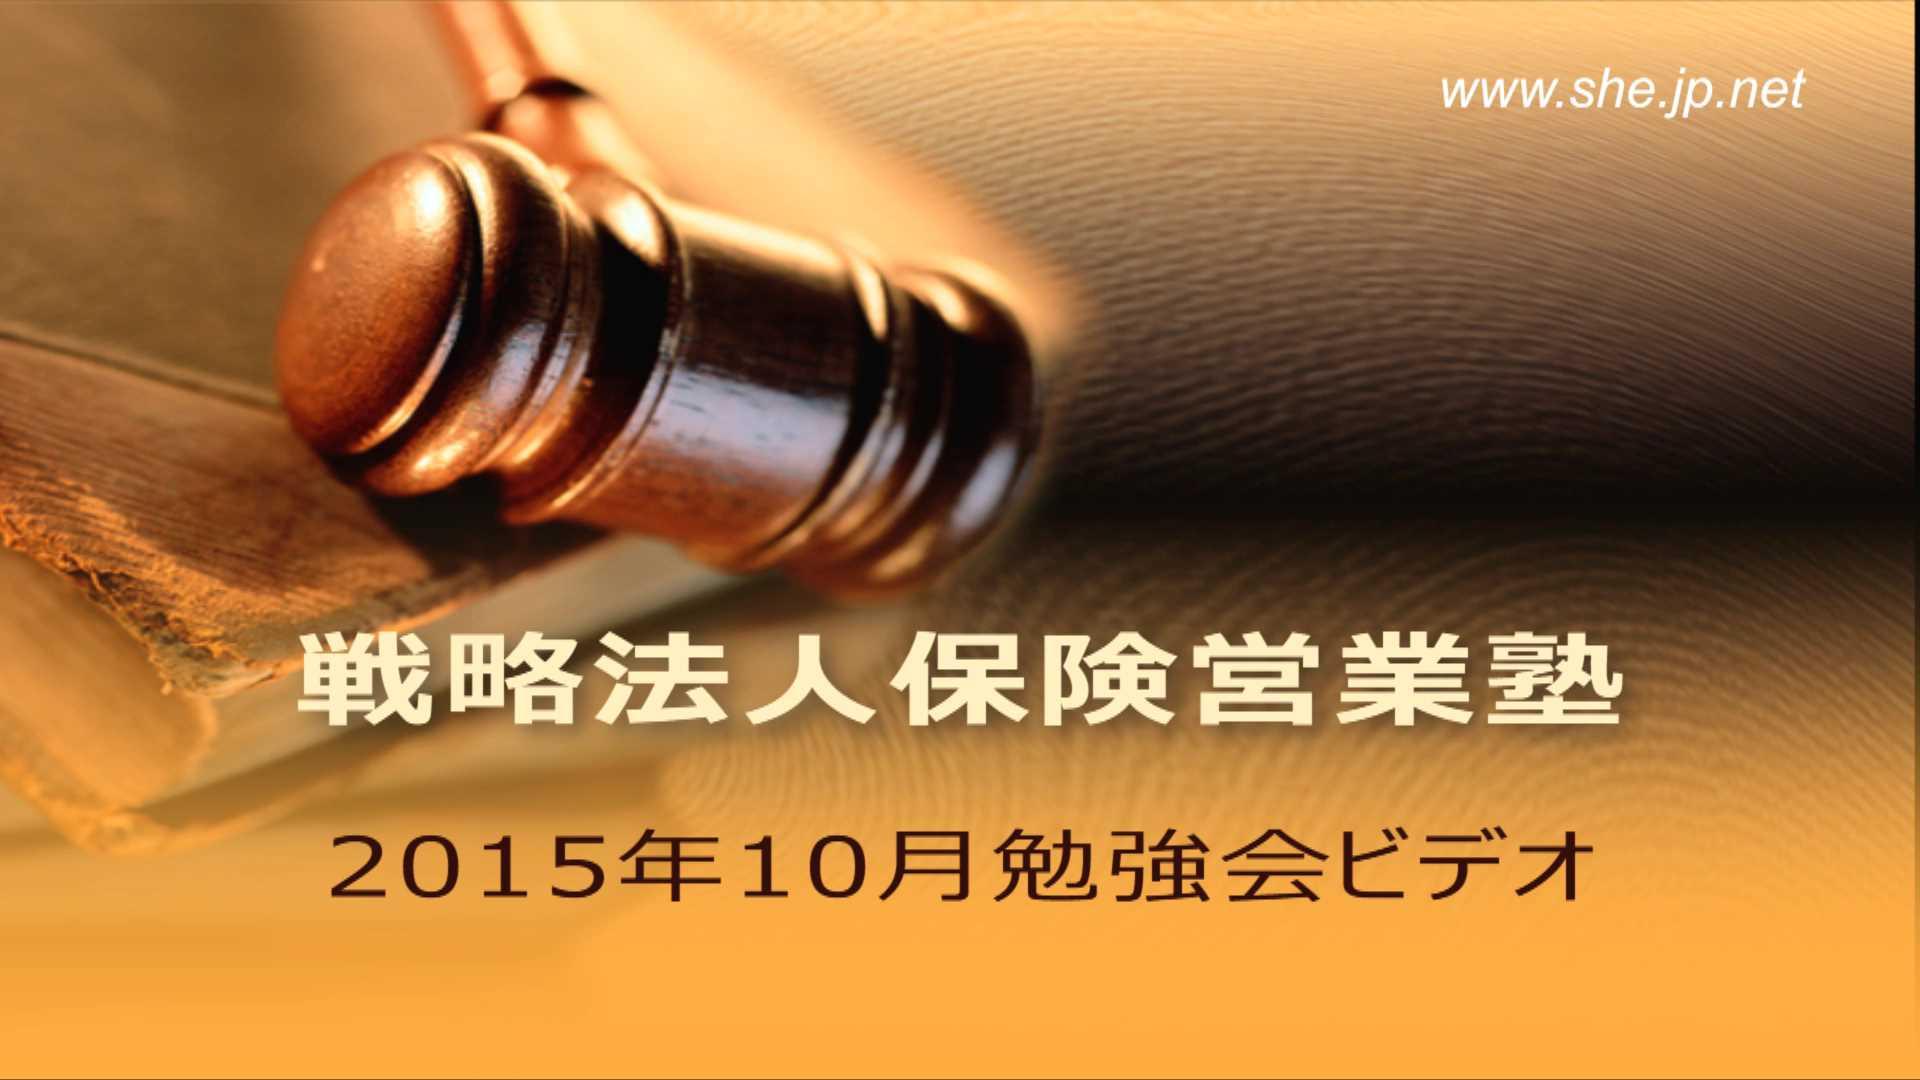 【受講者専用】 2015年10月LiveSHE勉強会ビデオ(メンバー限定)